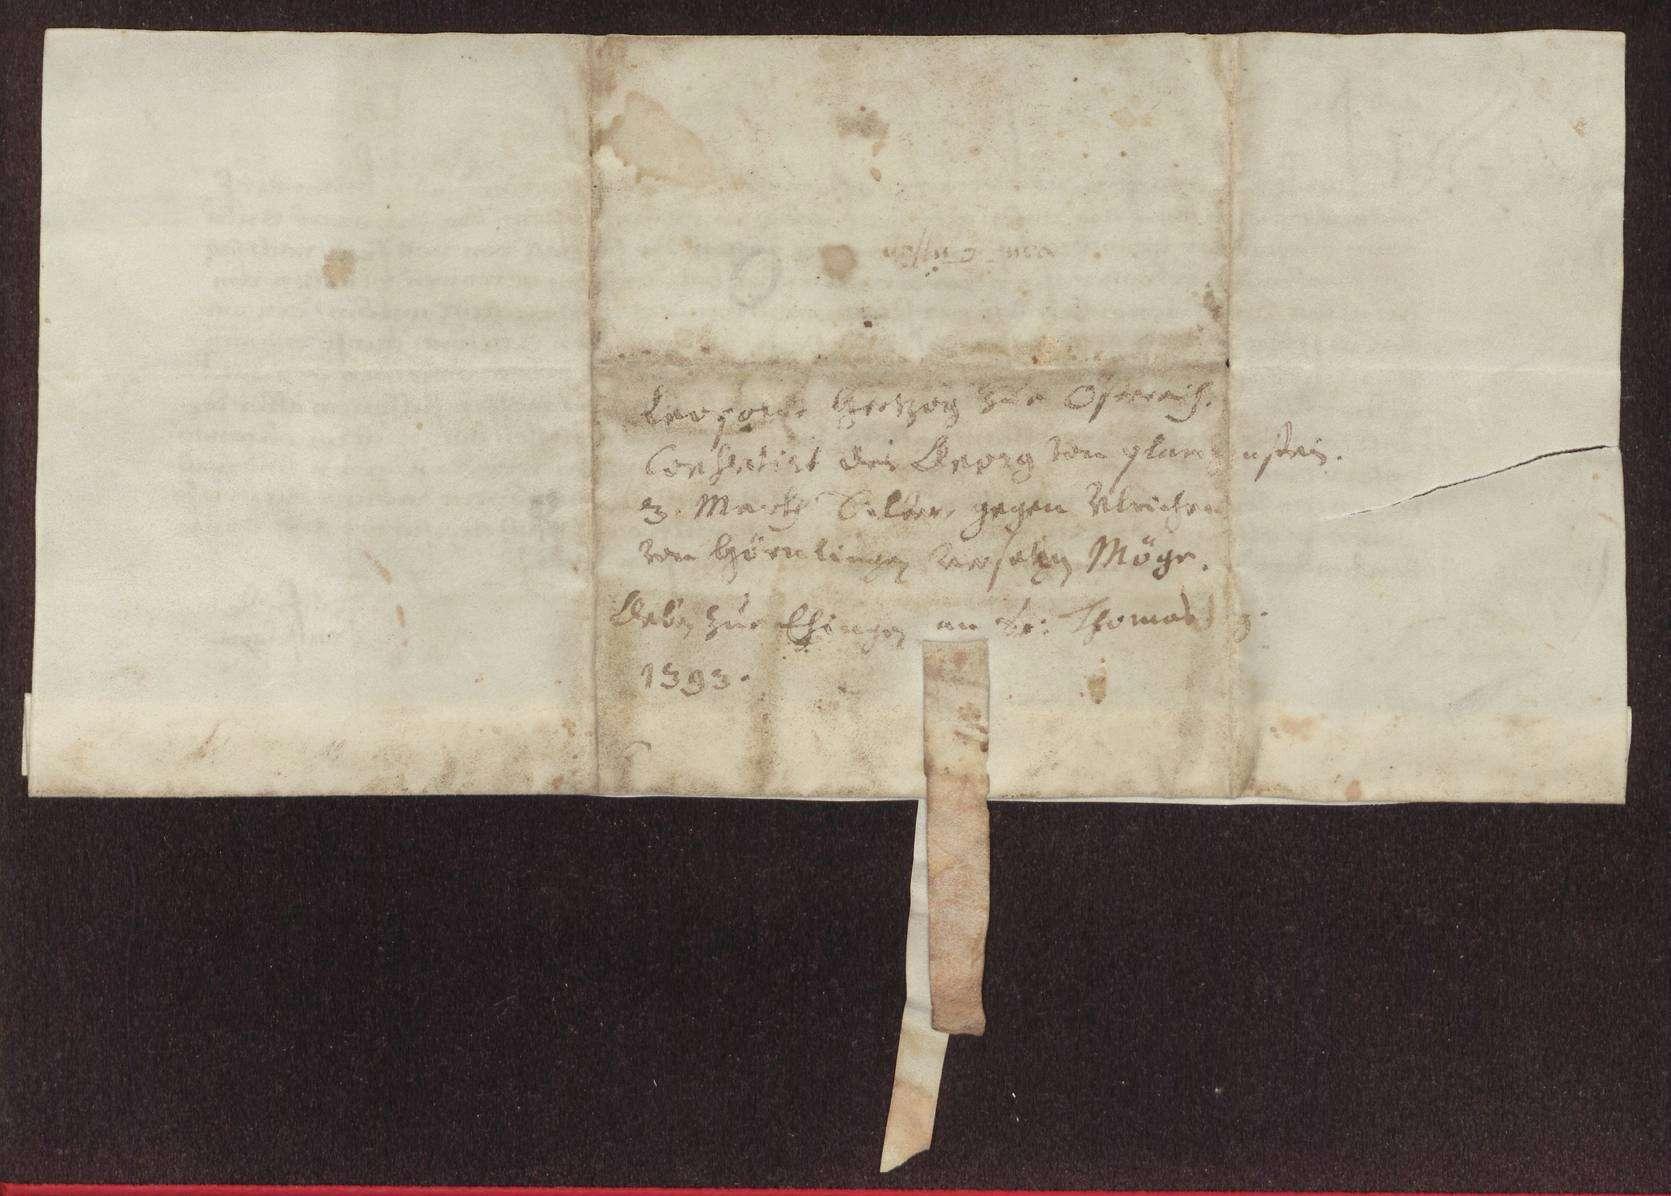 Herzog Leopold (IV.) (Lupolt) zu Österreich gibt dem Jörg von Blankenstein die erbetene Einwilligung, die 3 Mark Silbergeld Konstanzer (Chostentzer) Gewichts auf der Vogtei des Ausstellers zu Rißtissen (?) (Tussen), die ihm vom Austeller laut den Briefen, die er von dessen Vorfahren darüber hat, versetzt sind, an Ulrich von Hoernling für 160 Gulden zu versetzen., Bild 2